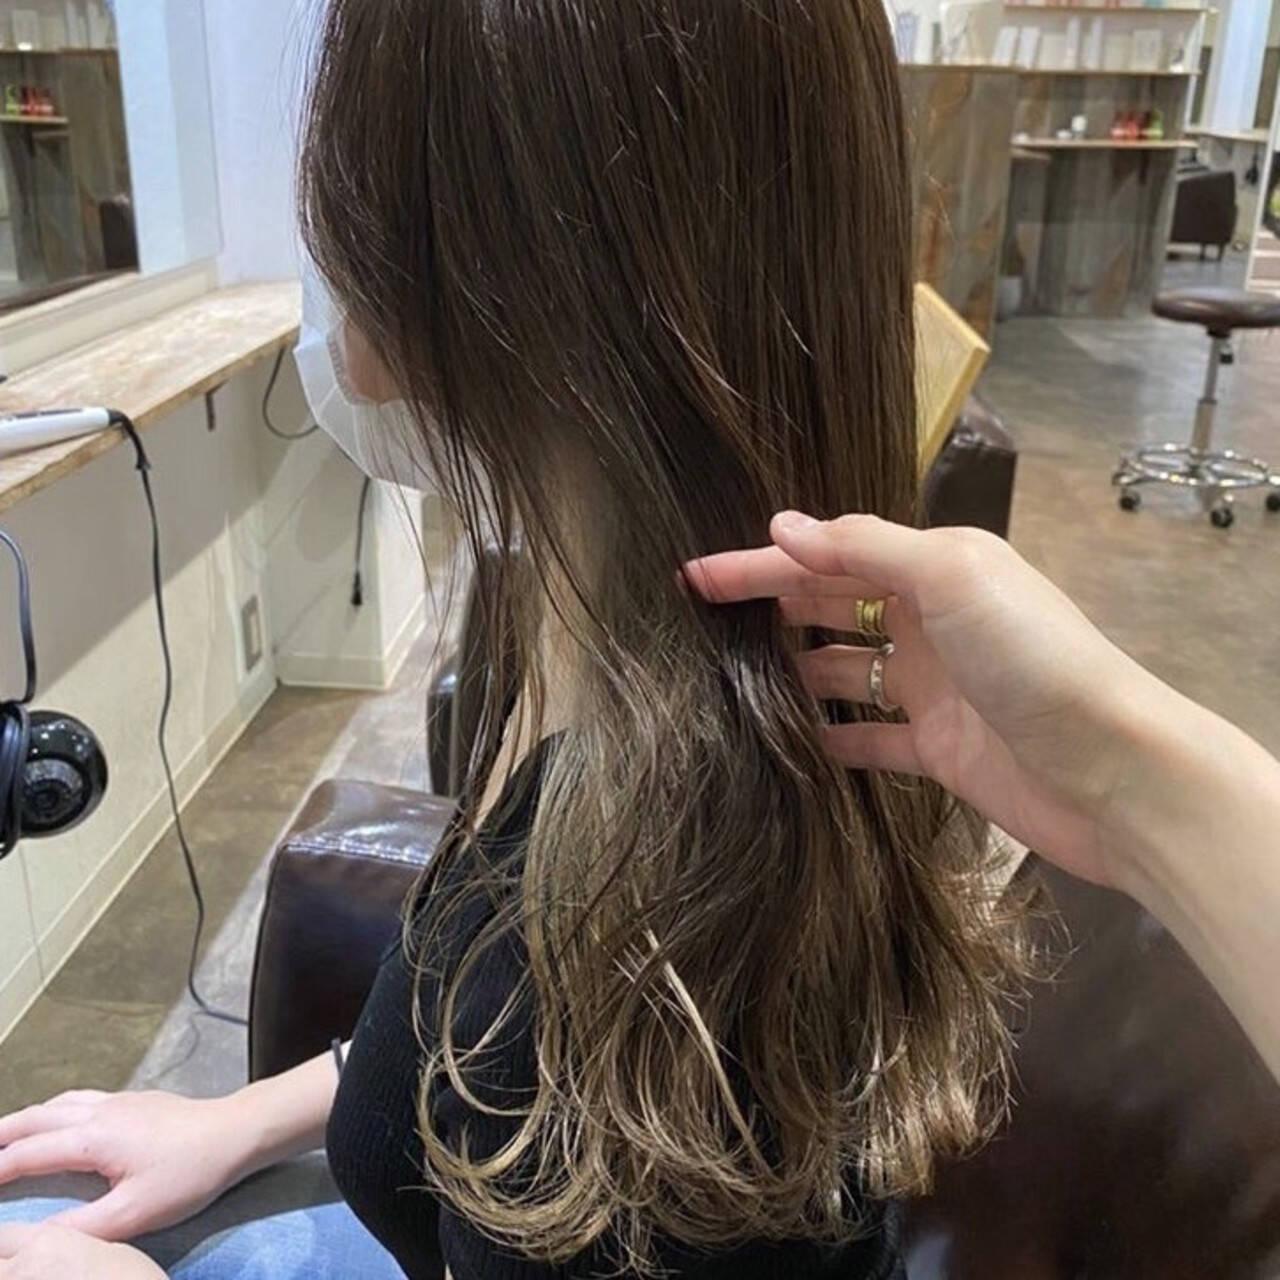 ナチュラル ヌーディベージュ インナーカラー ブリーチヘアスタイルや髪型の写真・画像